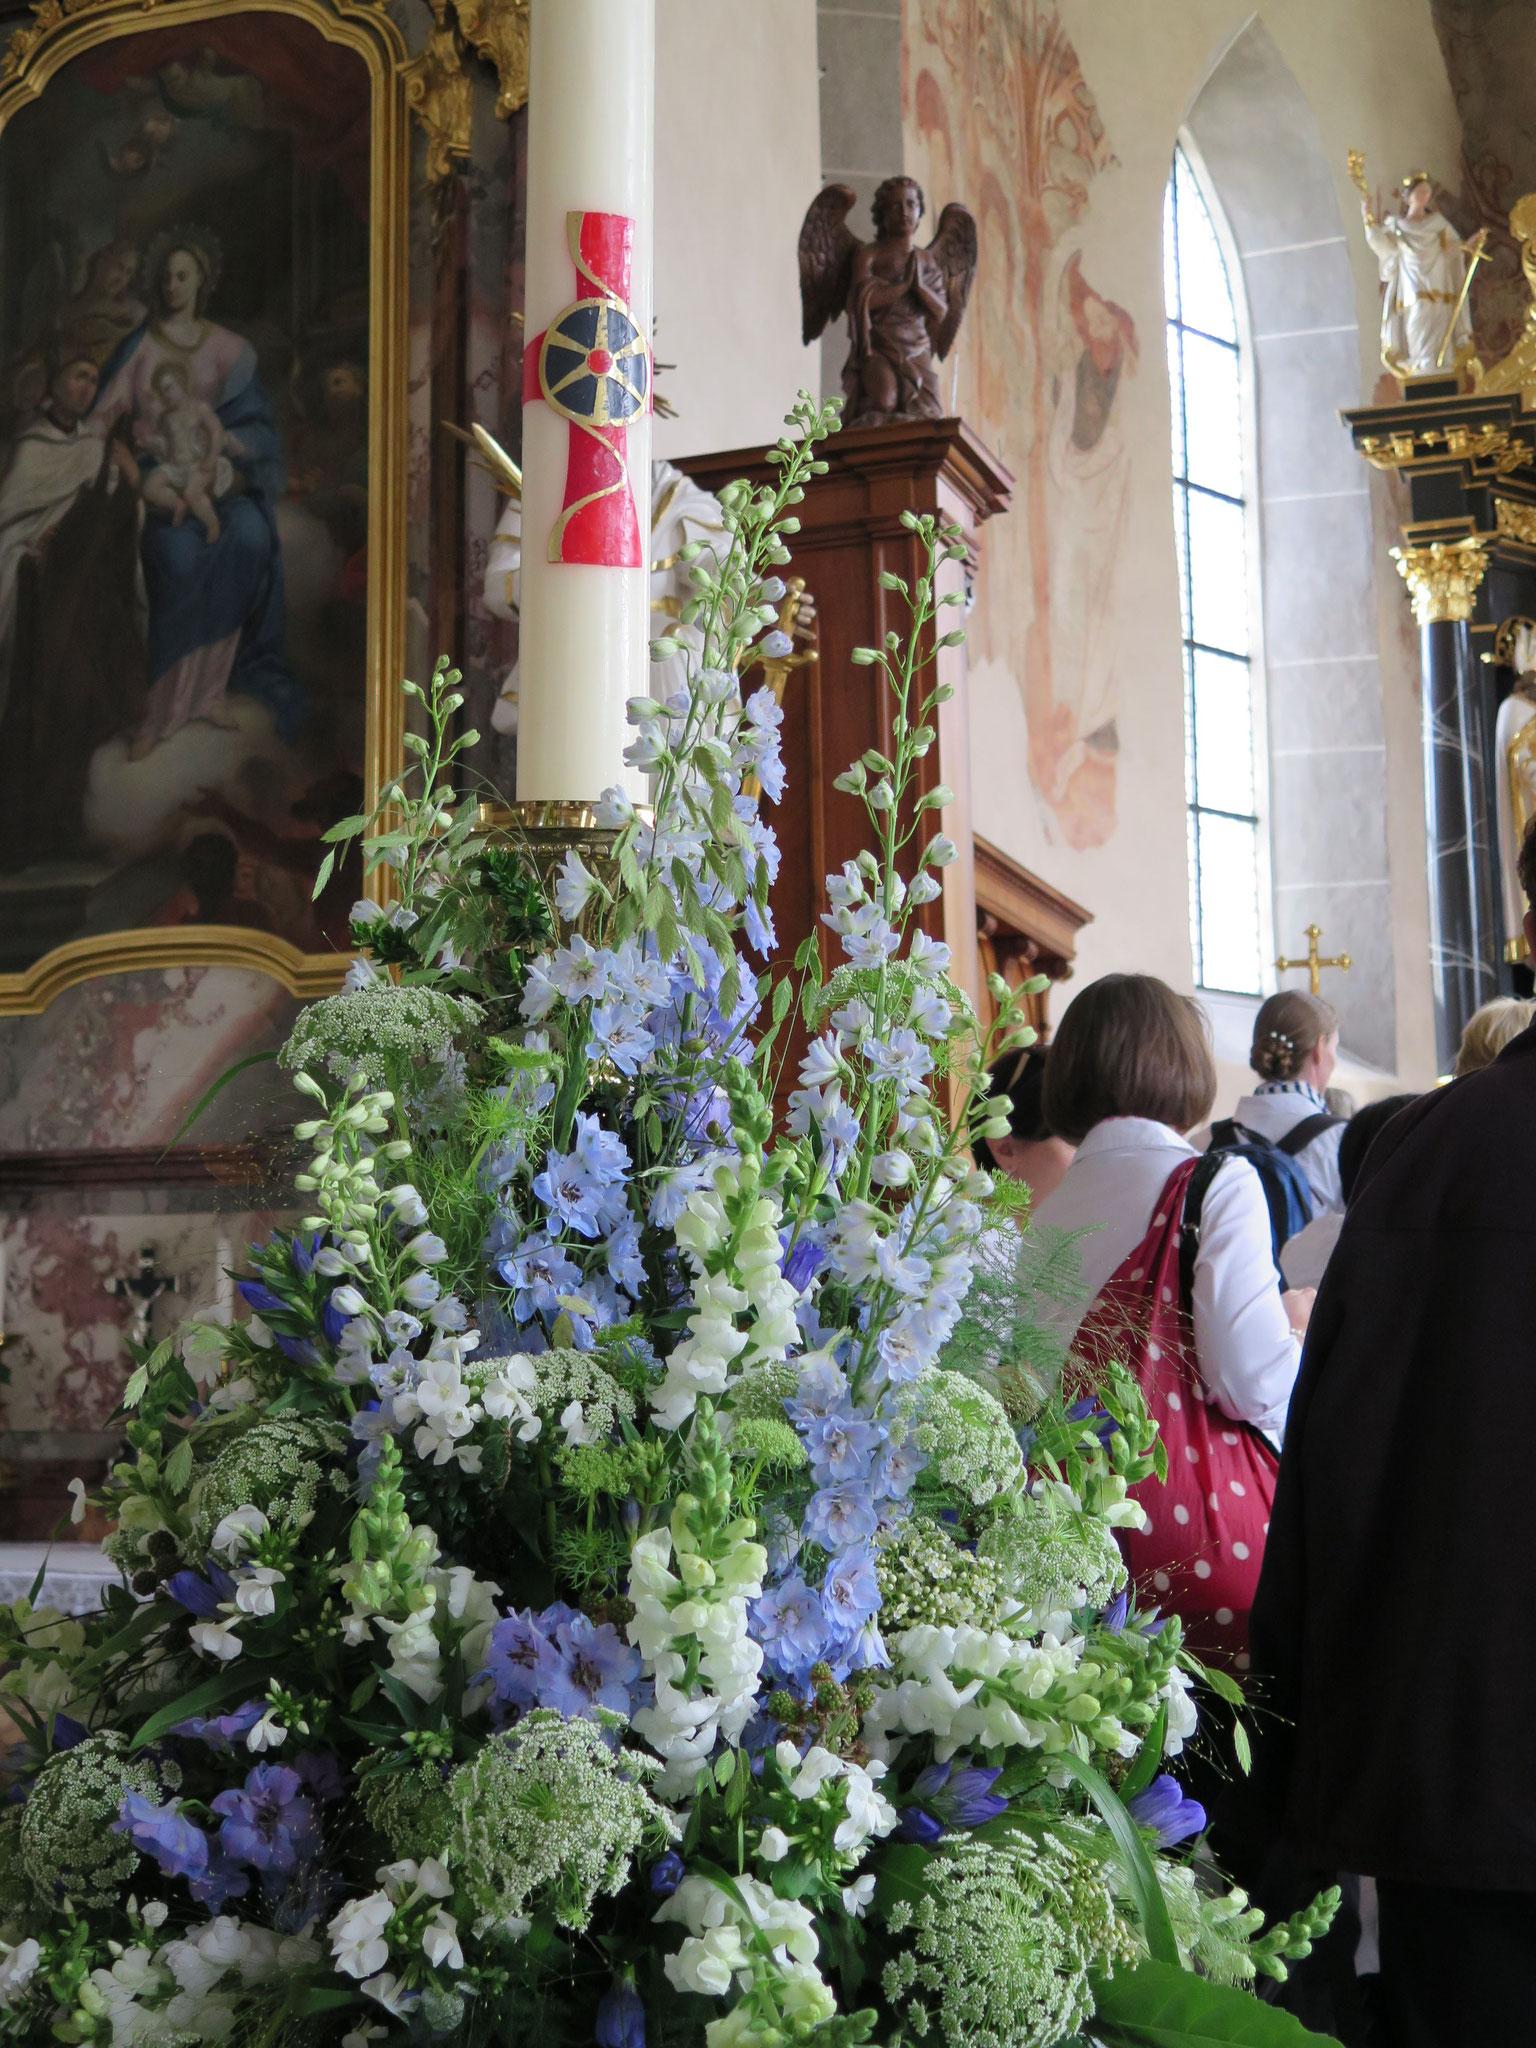 Der Blumenschmuck wurde mit viel Liebe von der Bräutigam-Mutter hergerichtet.